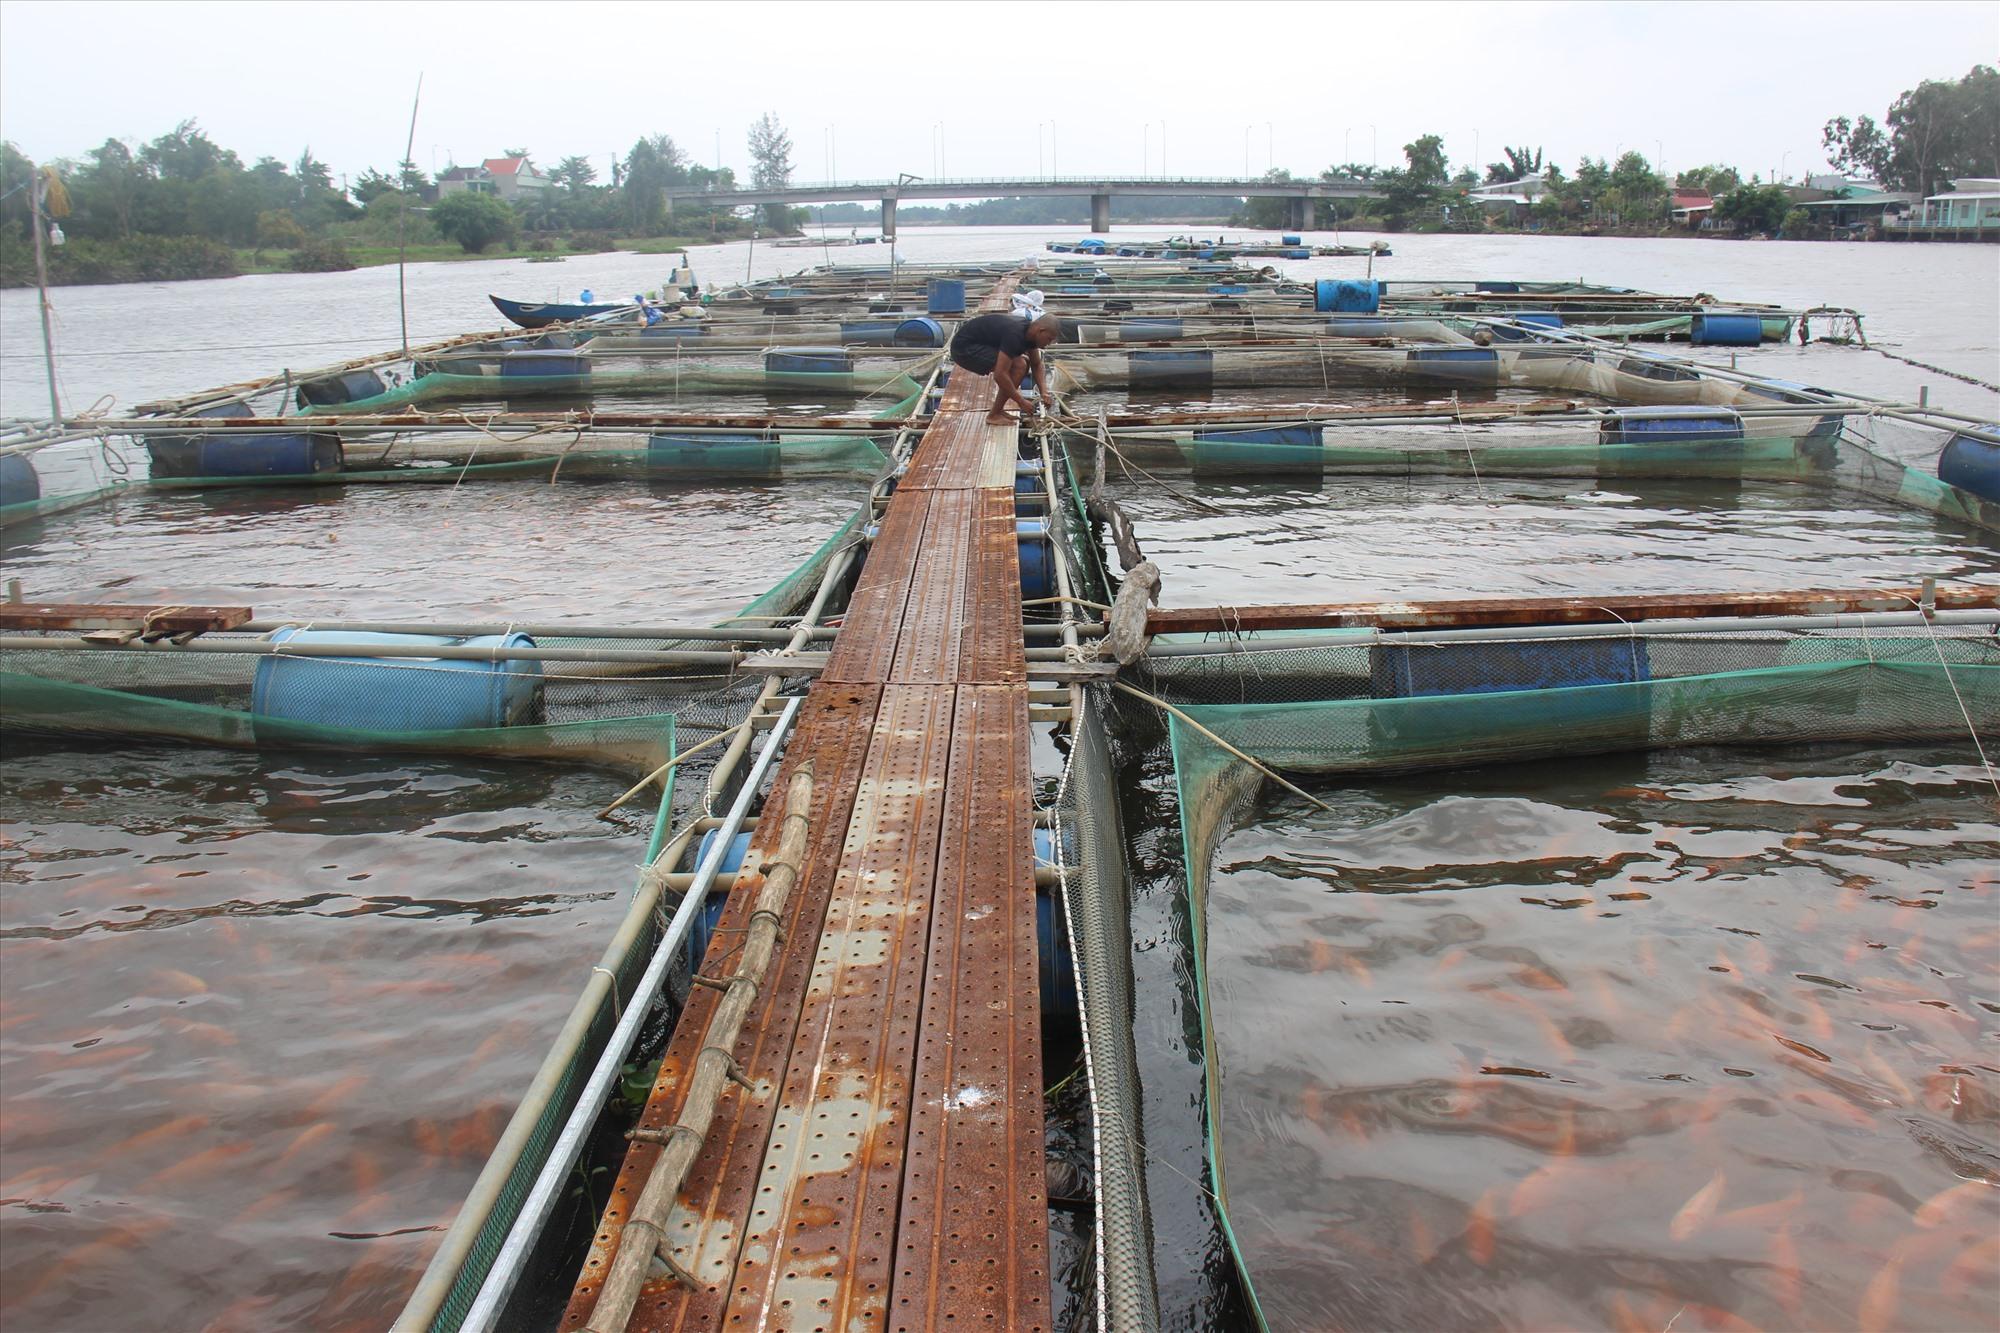 Neo đậu cá lồng trên sông Tam Kỳ. Ảnh: HOÀI AN